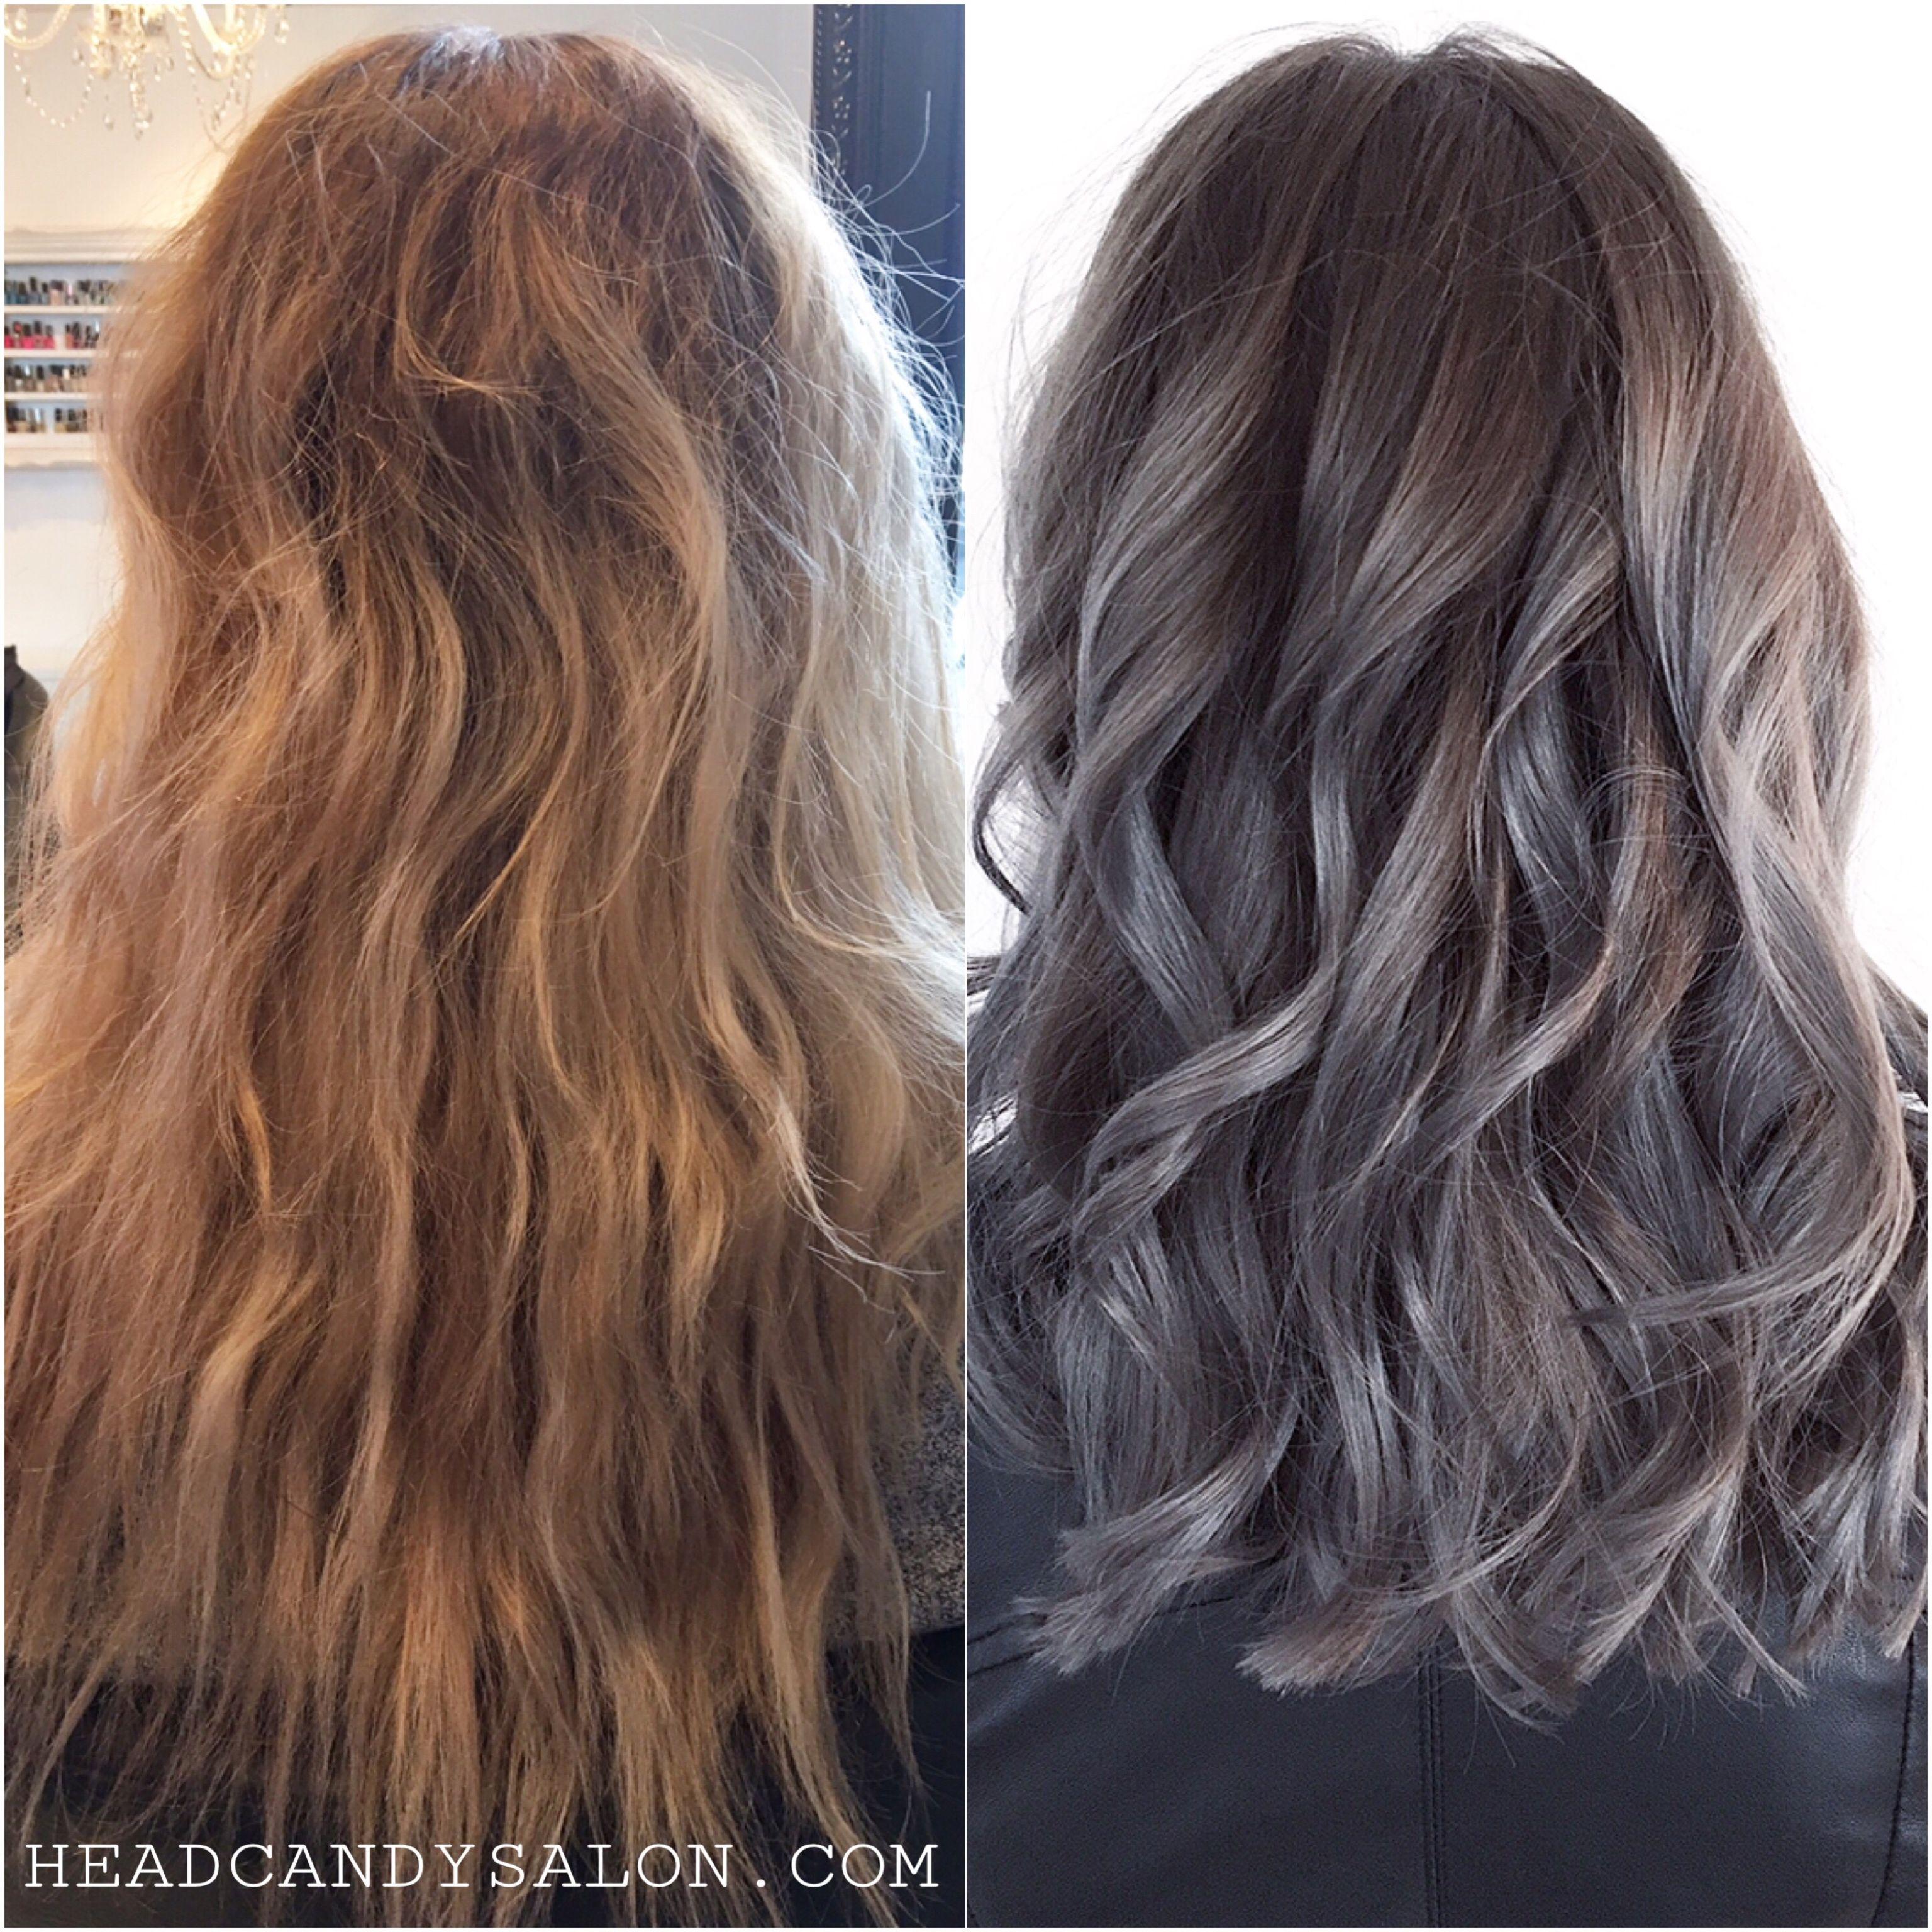 Ash Brown Metallic Charcoal Grey Using Schwarzkopfpro Beforeandafter Hairtransformation Grey Greyhair Charcoal Hair Ash Hair Color Cool Hair Color